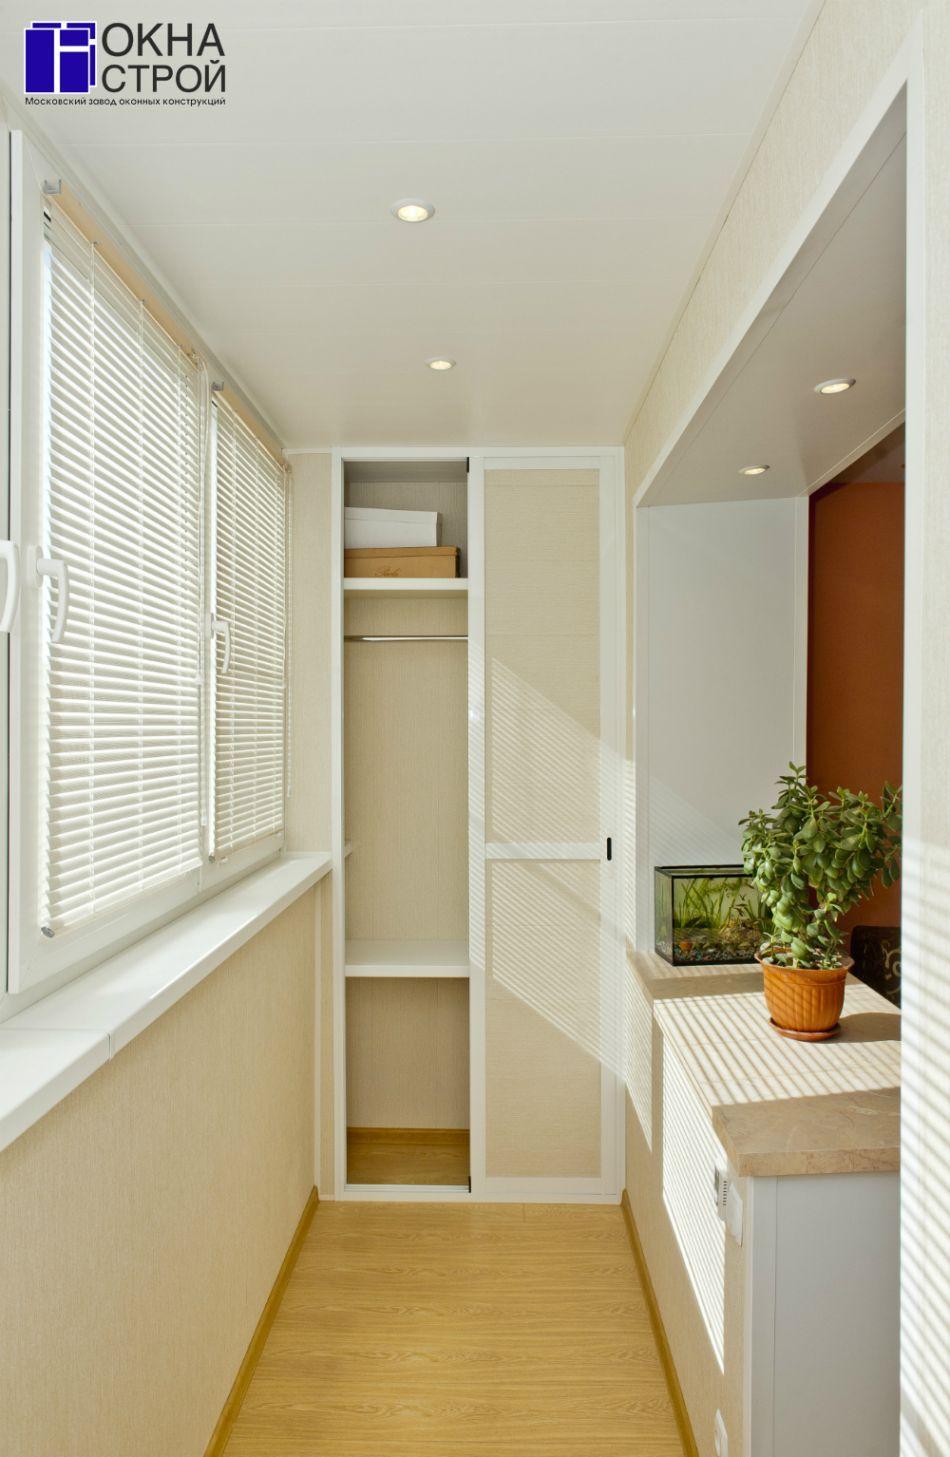 Теплое остекление пвх. объединение лоджии,балкона.